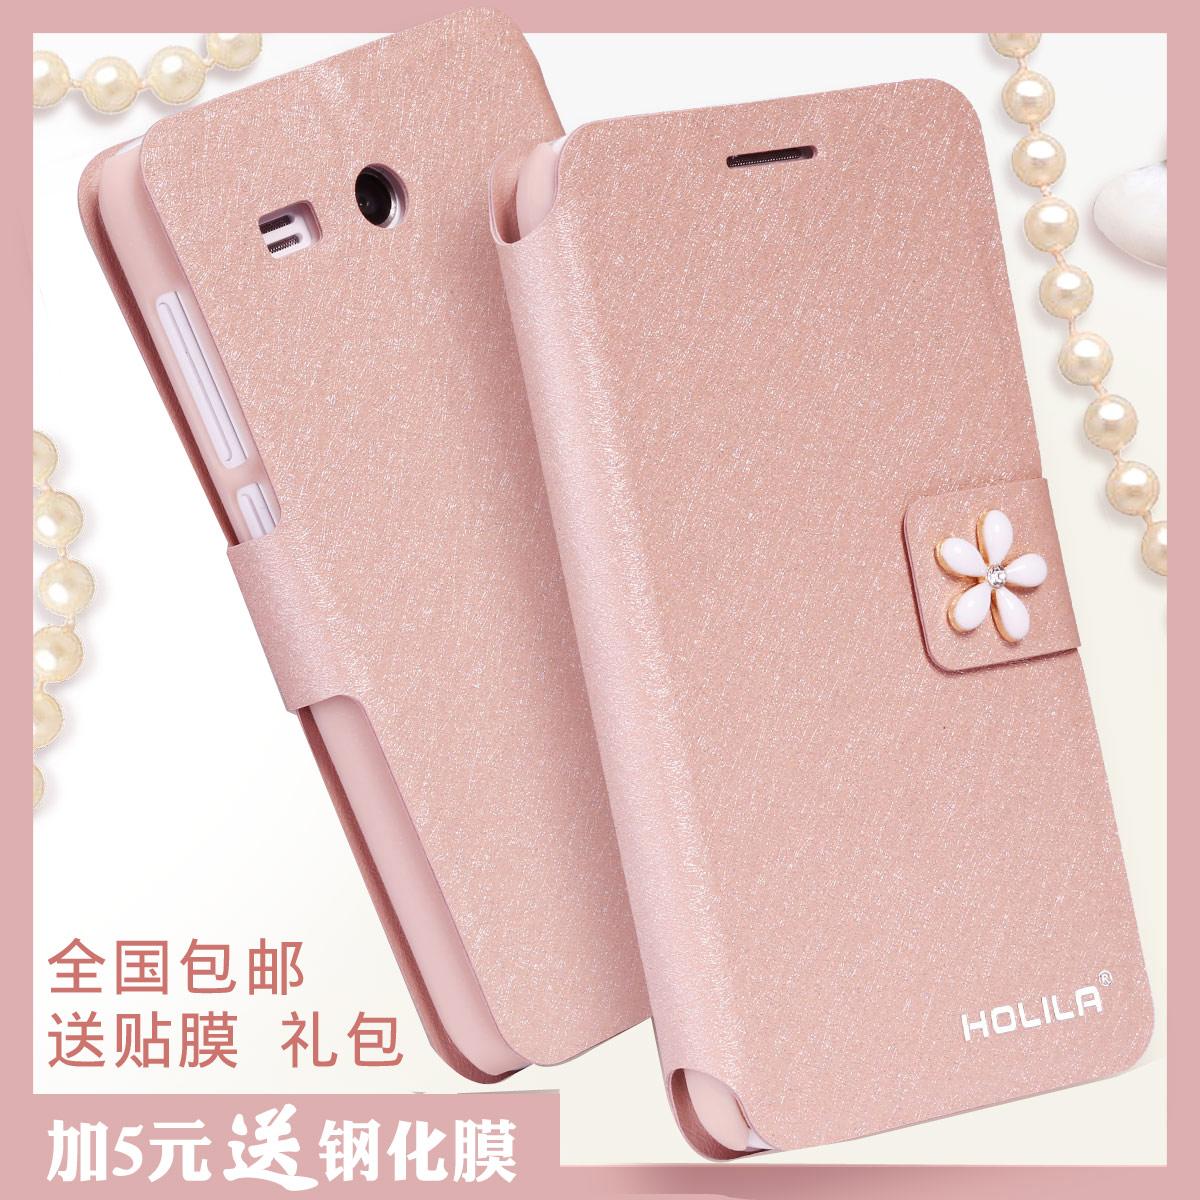 华为y511手机壳